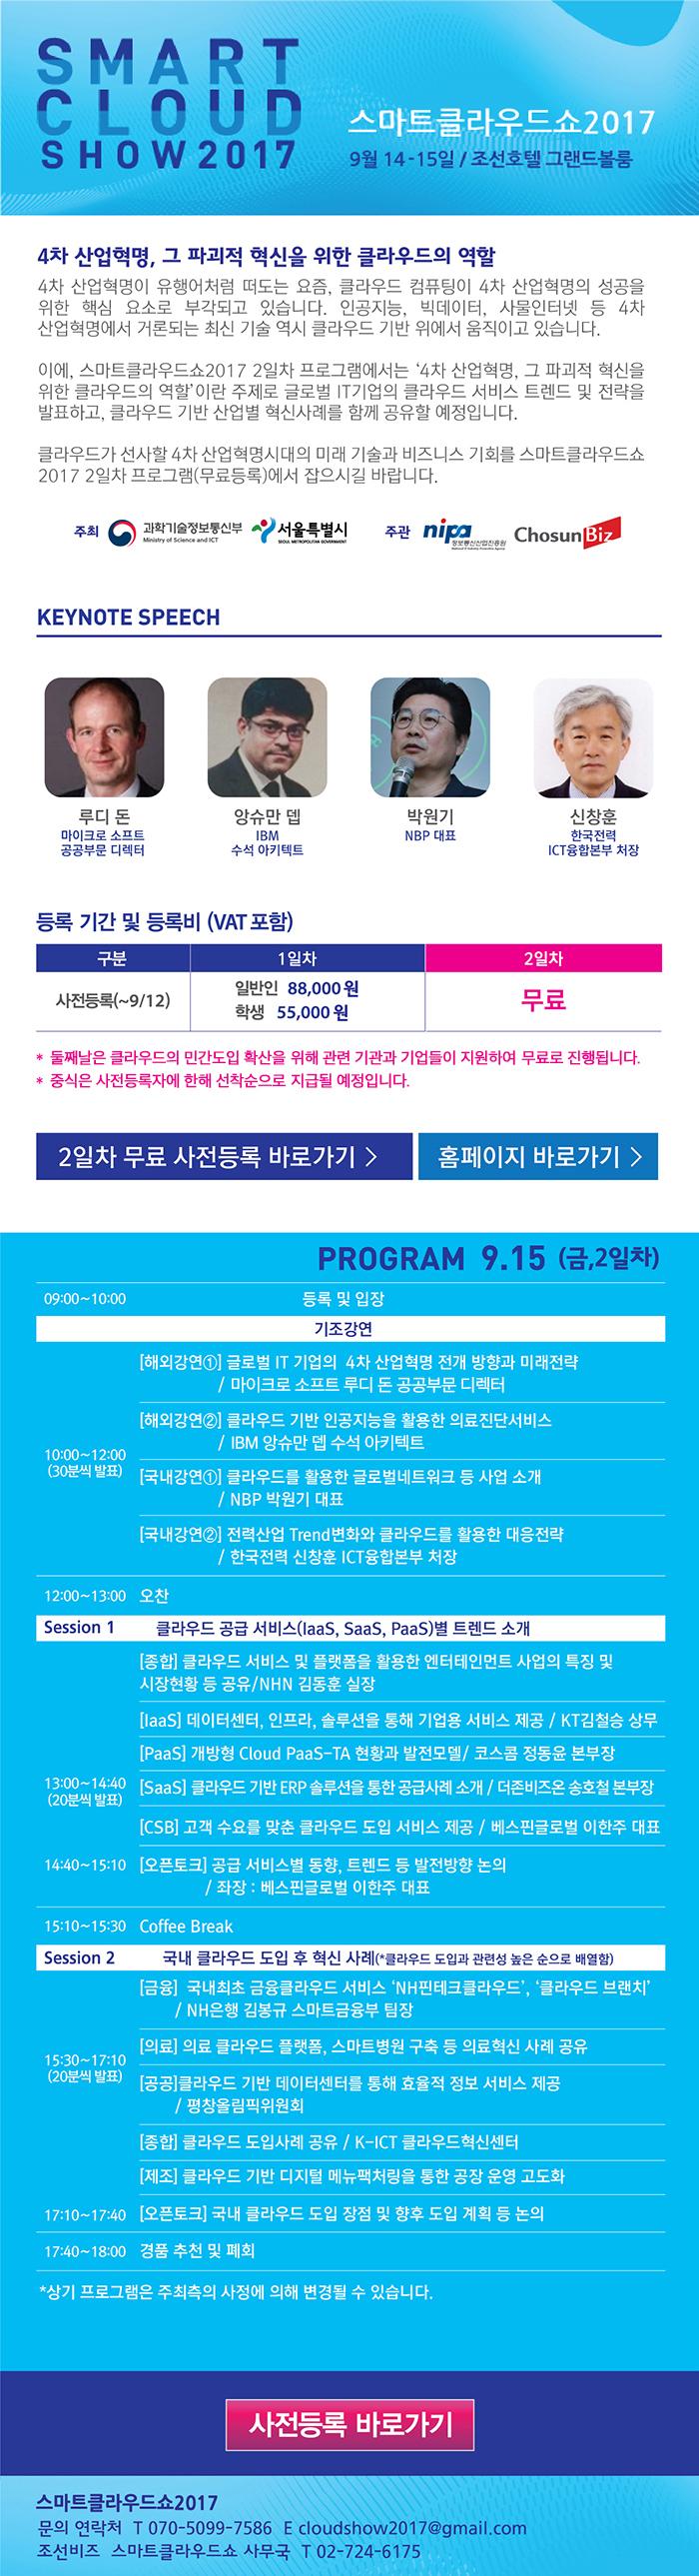 스마트클라우드쇼 2017개최